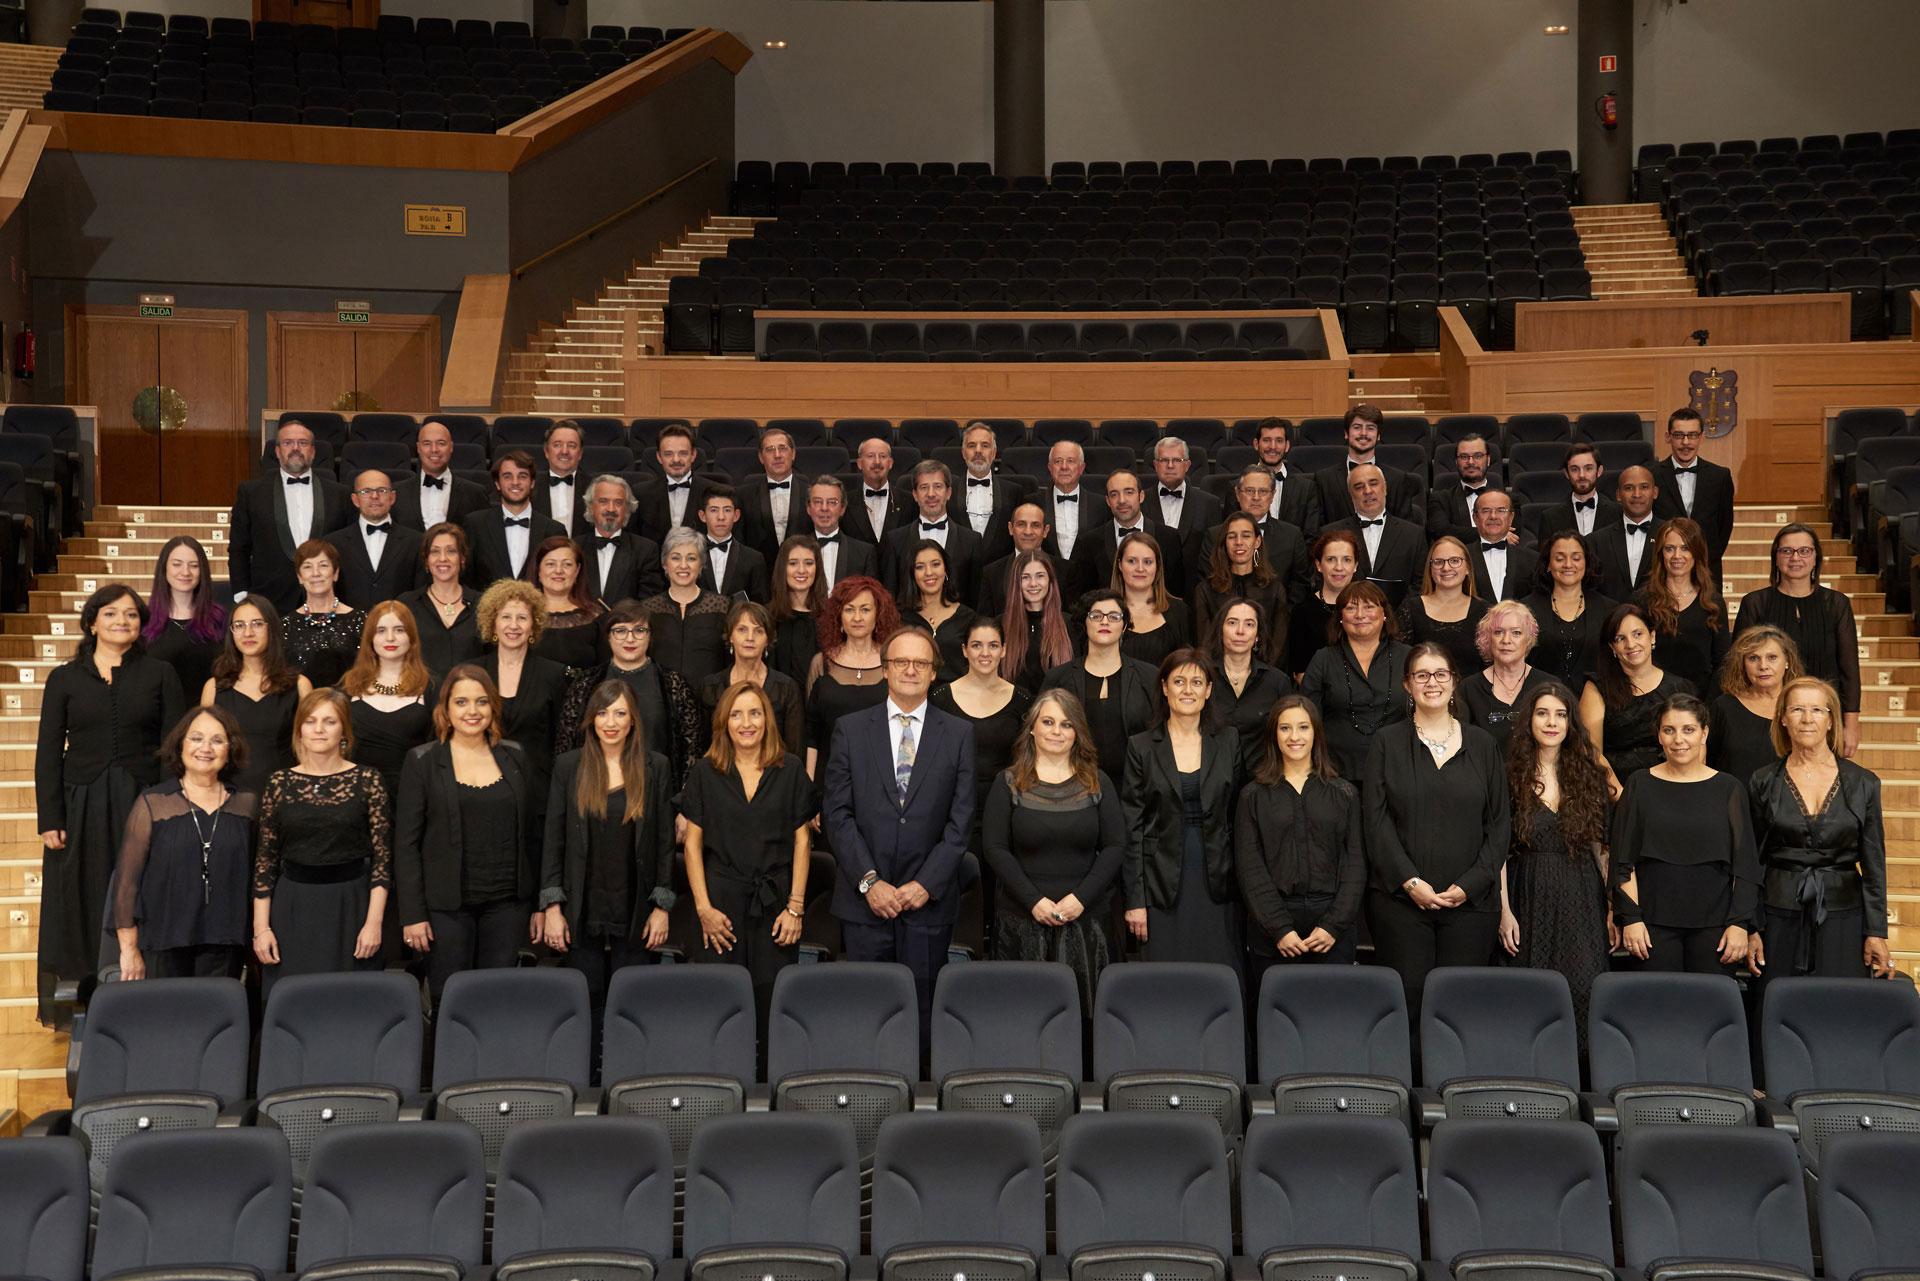 El Coro de la OSG canta El holandés errante, de Wagner, en versión de concierto